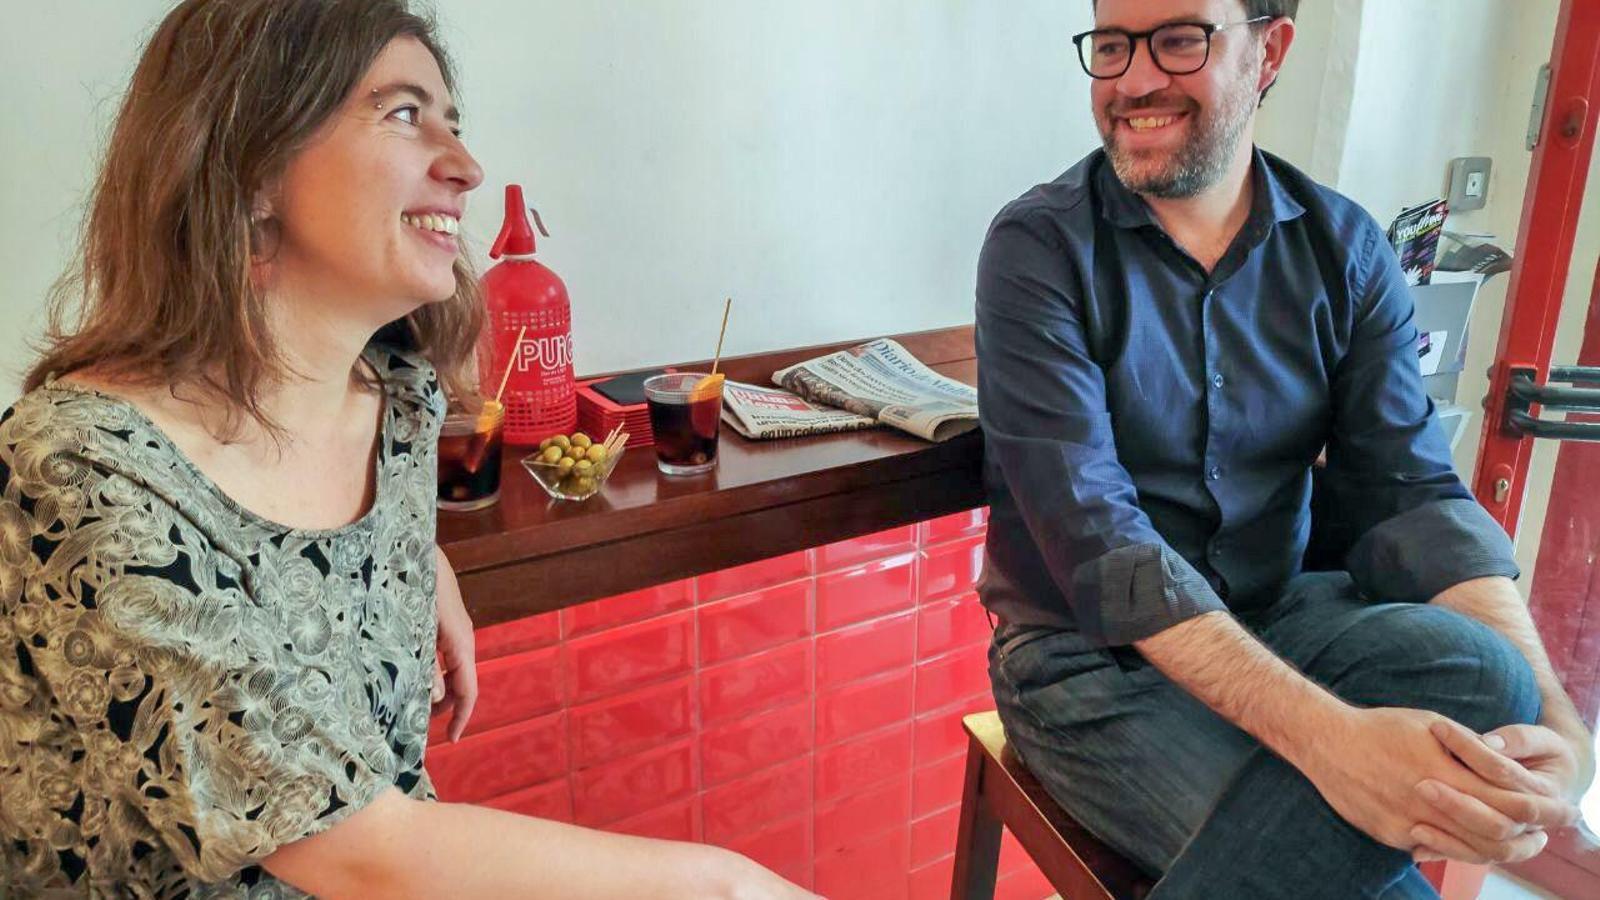 La regidora Neus Truyol i el candidat a revalidar la batlia de Palma, Toni Noguera, fan l'aperitiu.